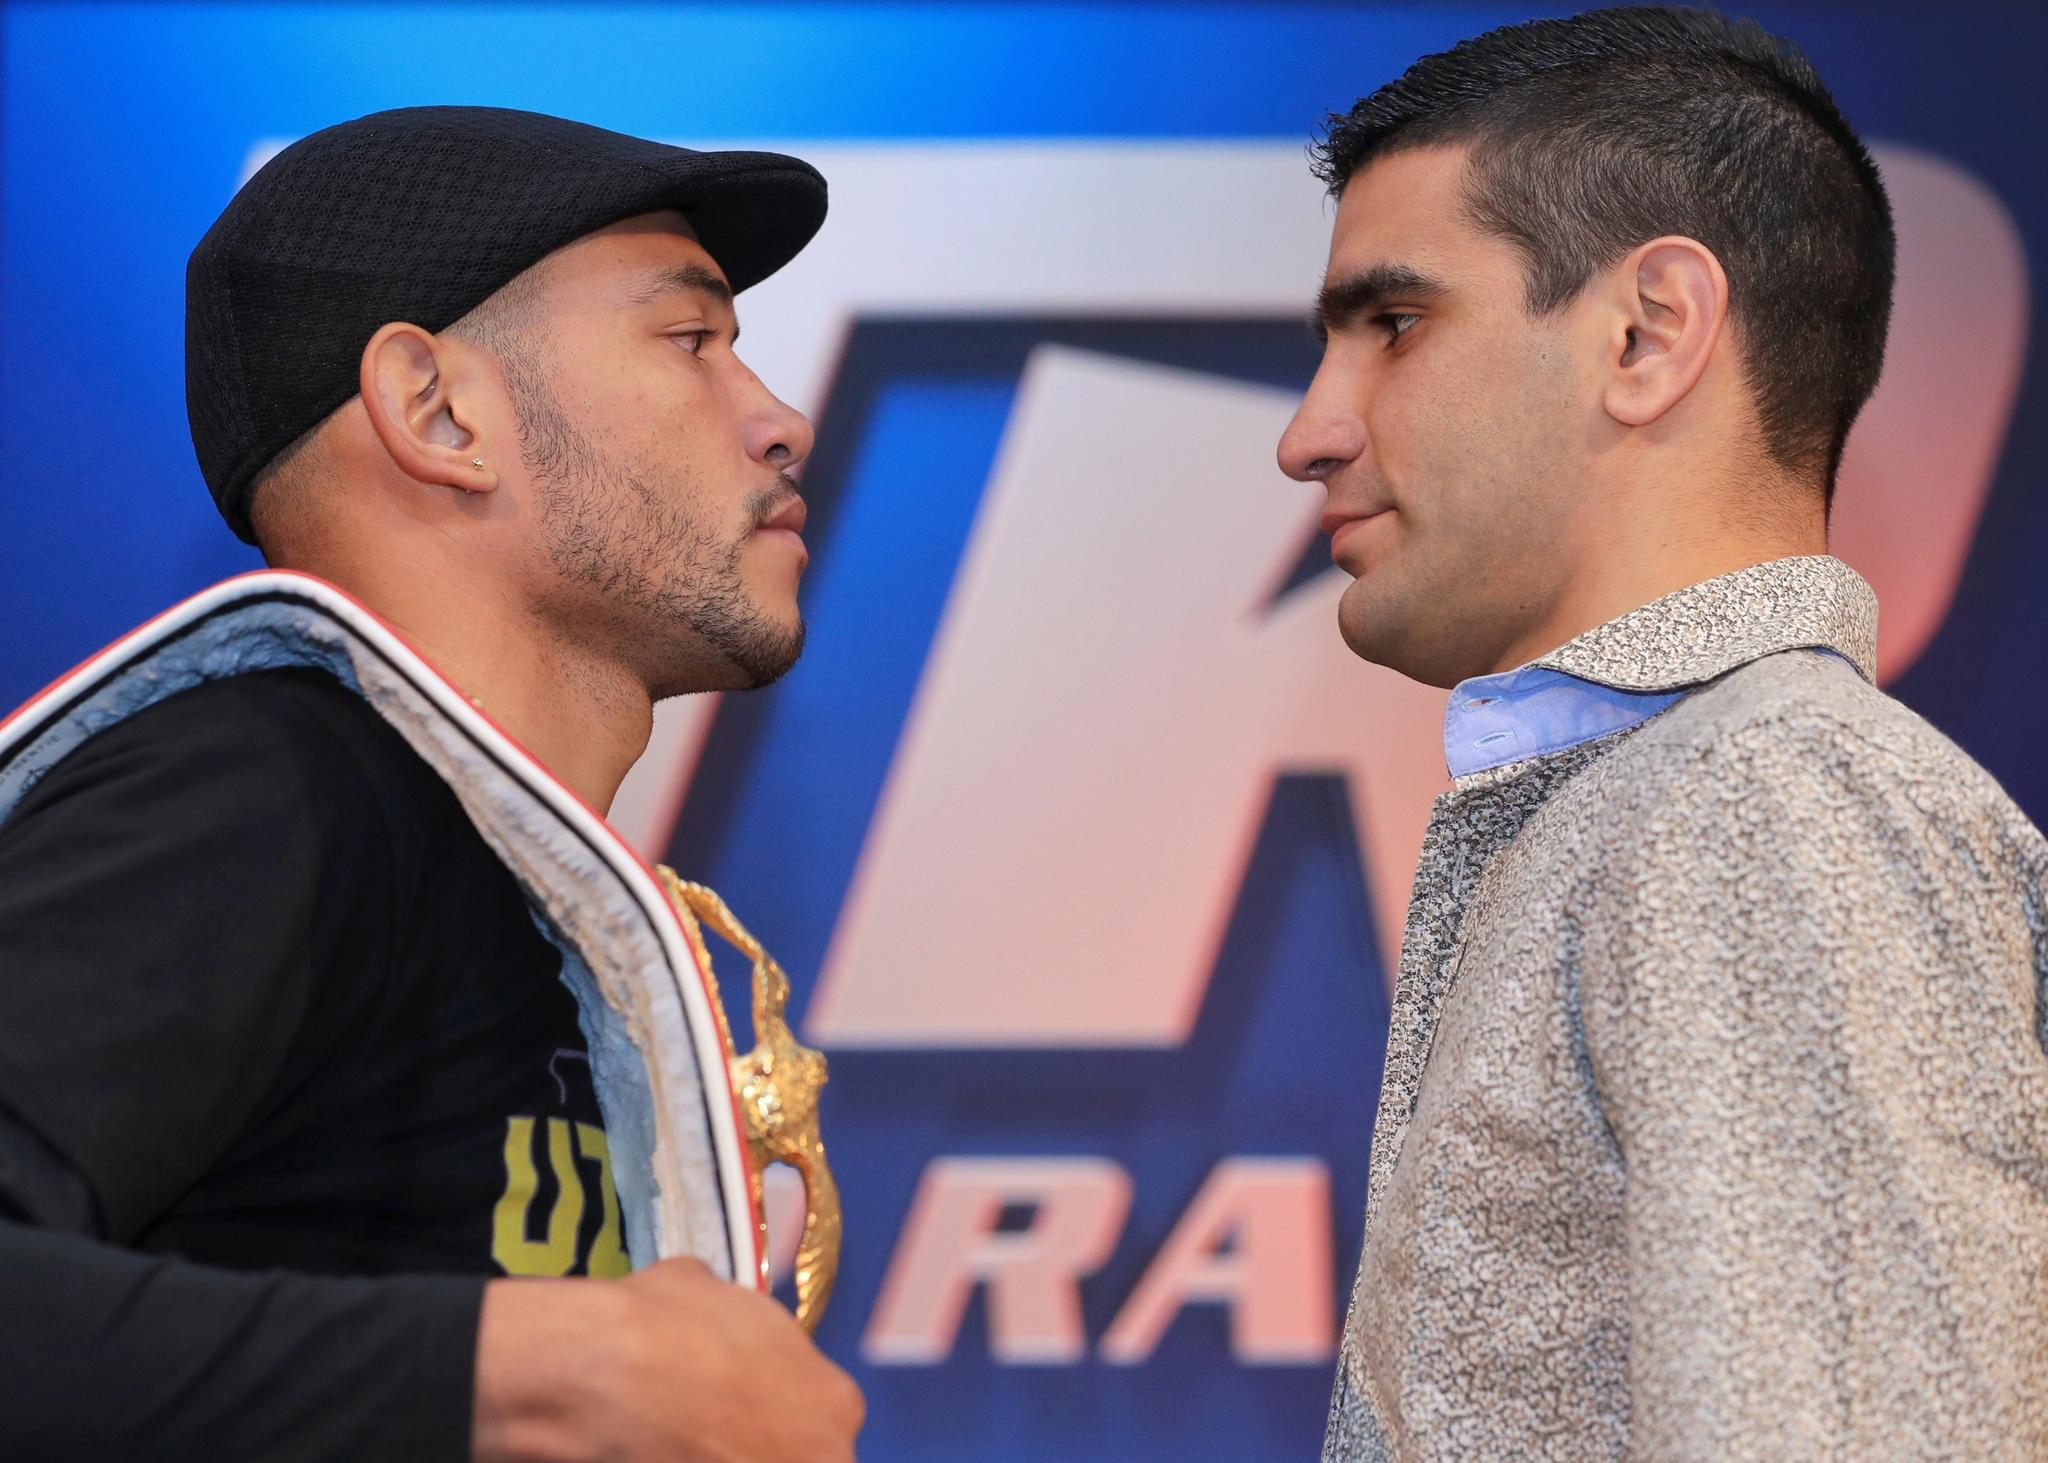 Jose Uzcategui Boxing